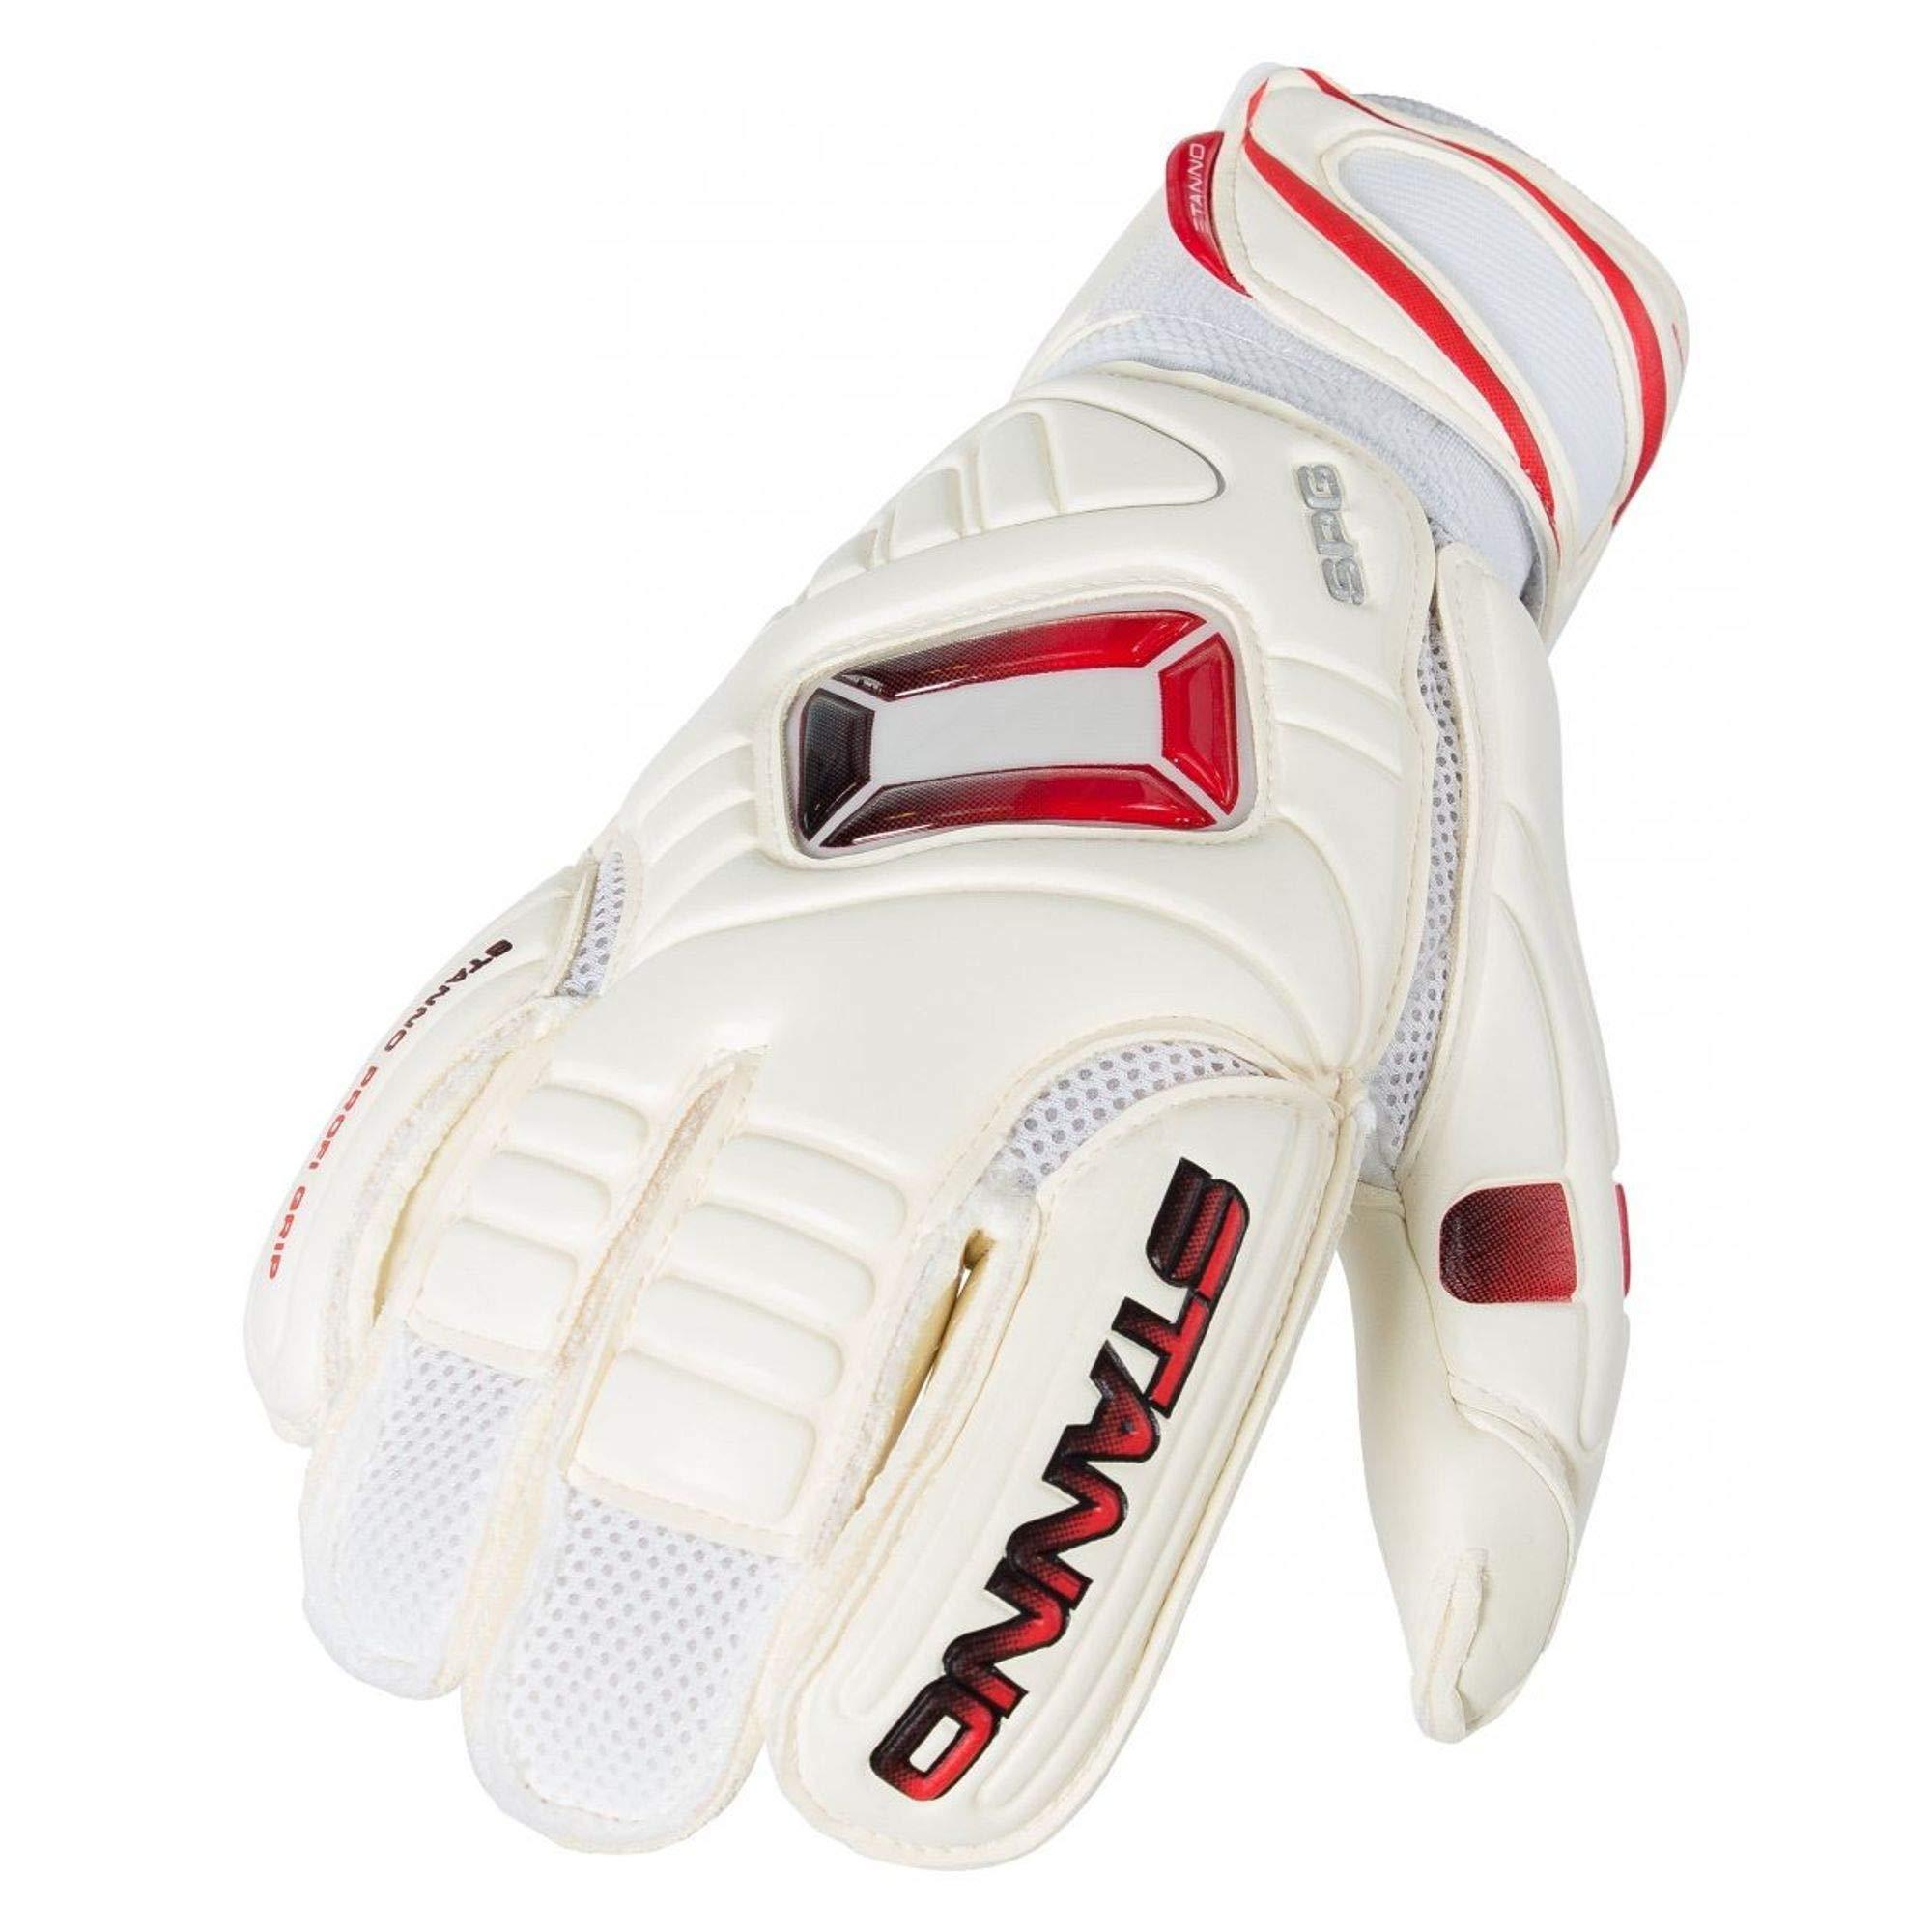 Stanno Ultimate Grip Roll Finger Goalkeeper Gloves